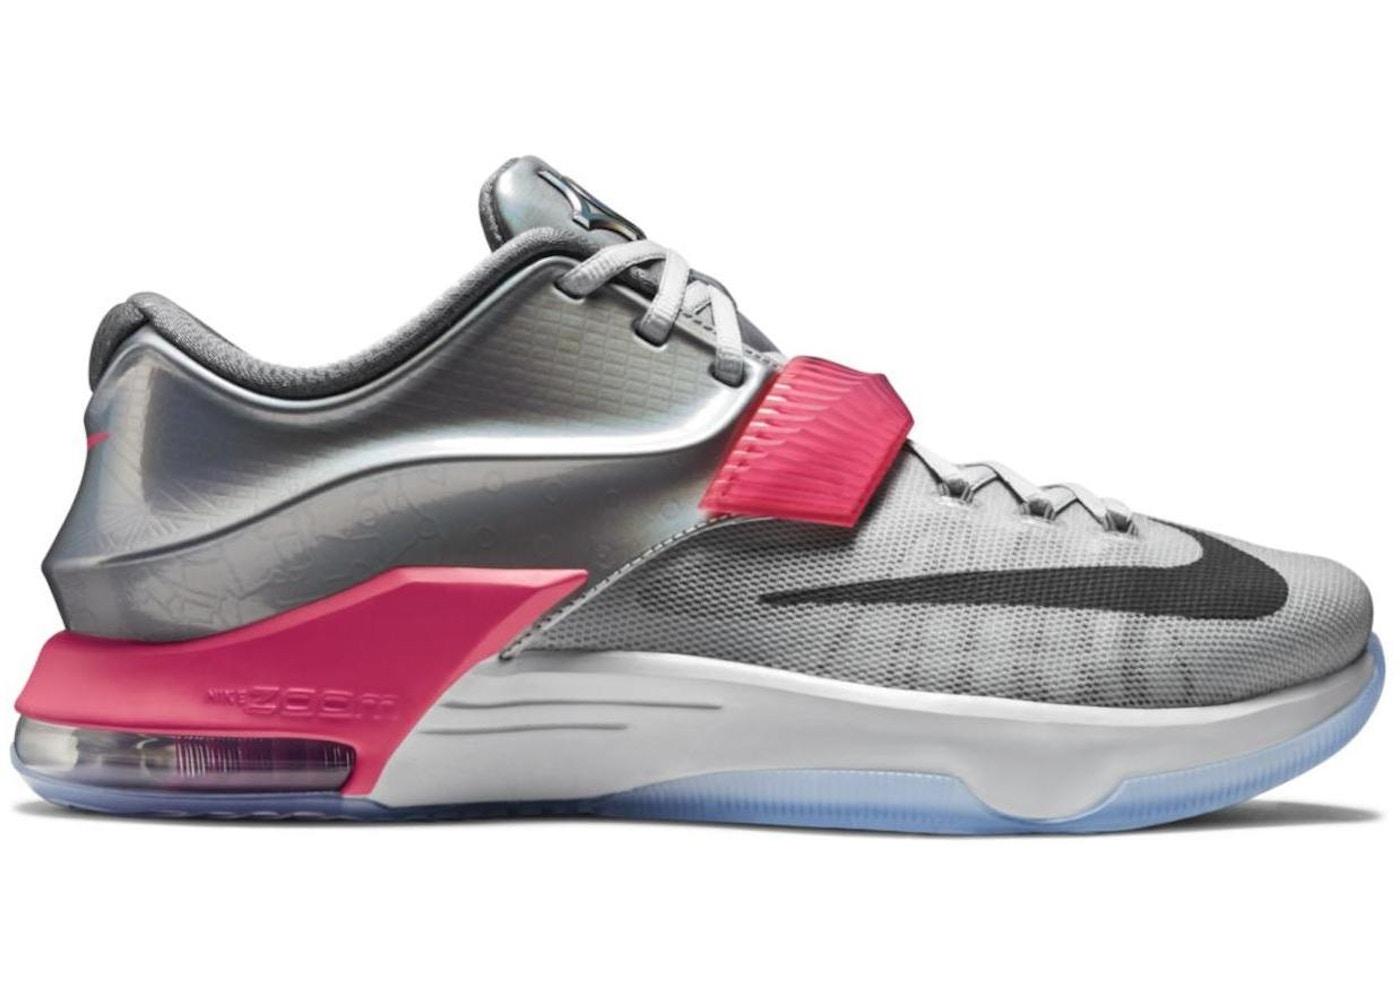 best value 8b365 63c54 Buy Nike KD 7 Shoes & Deadstock Sneakers